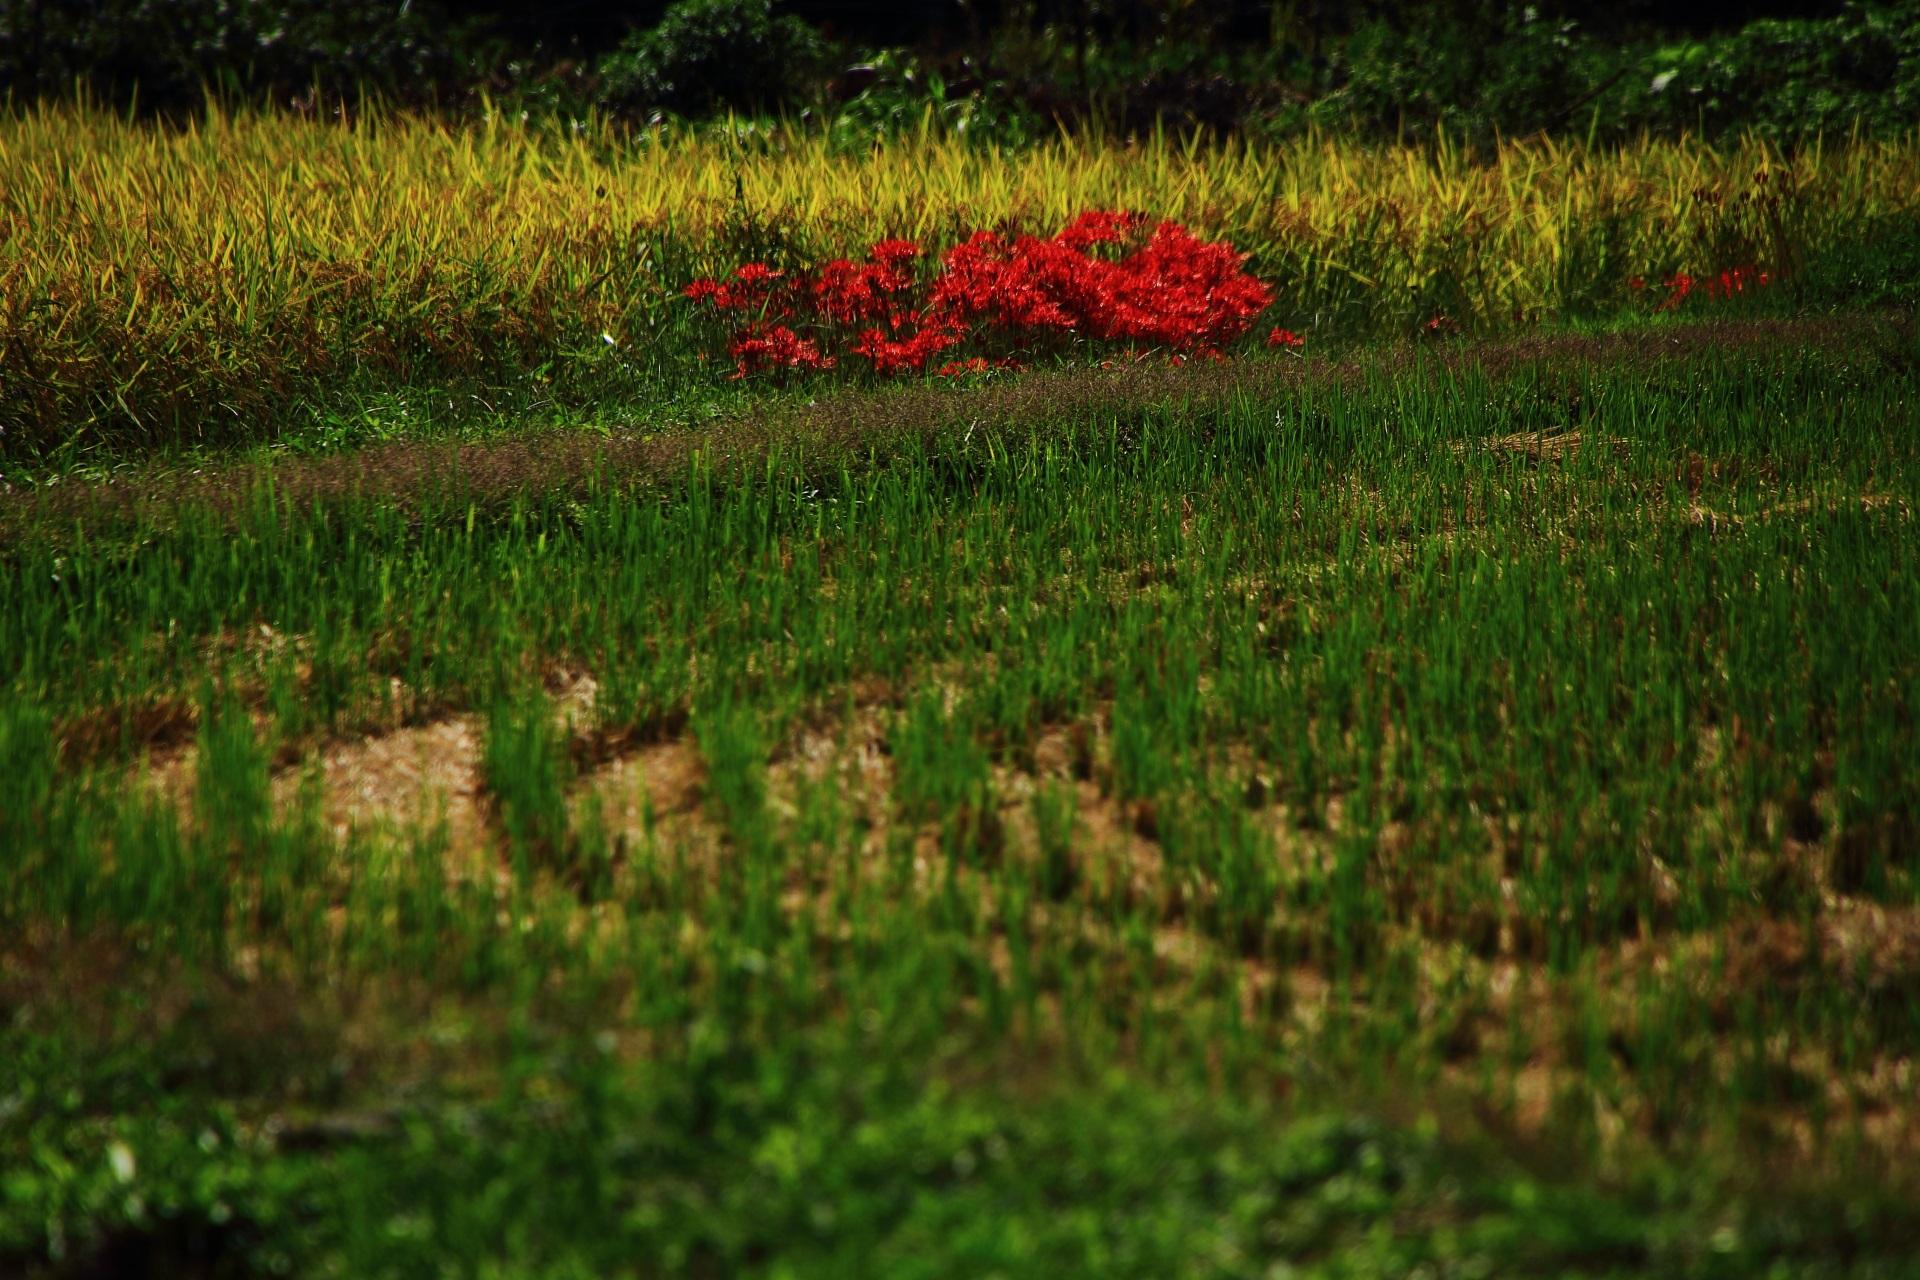 真っ赤なので遠目からでも目立つ田んぼや畑の一角に咲く彼岸花